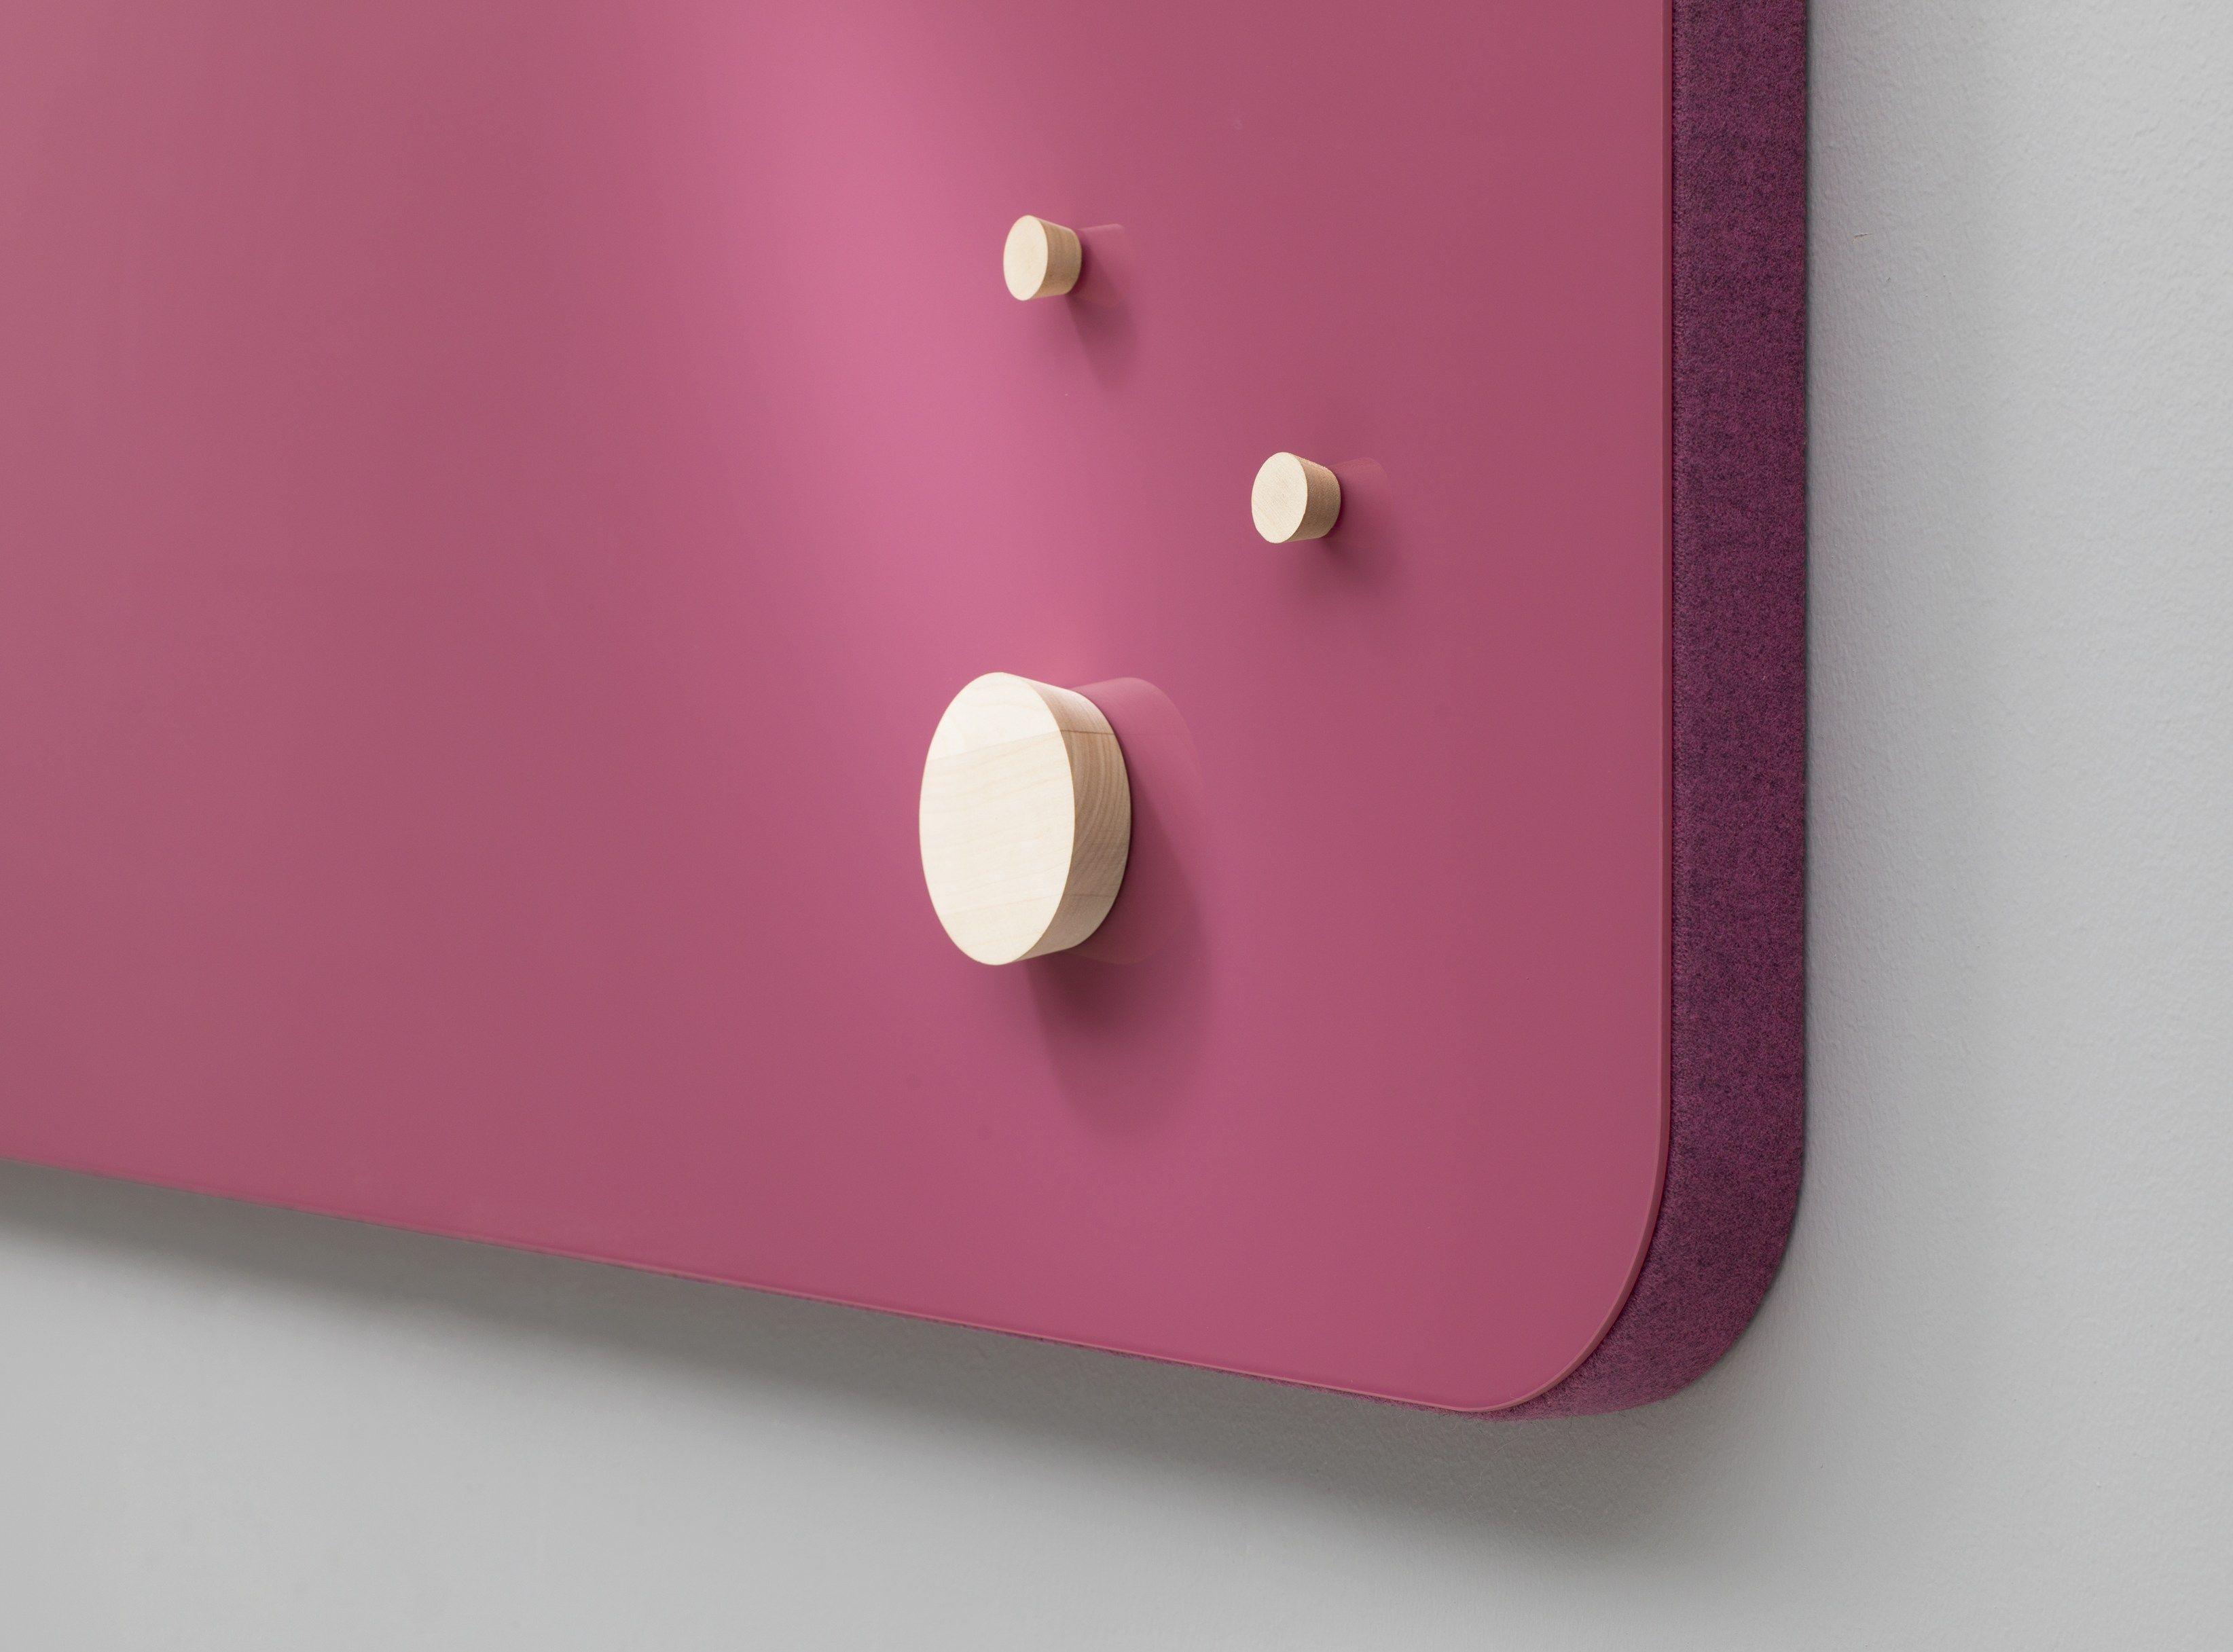 Ikea Lavagne Ufficio : Lavagna adesiva ikea decorazioni camerette decorazioni with